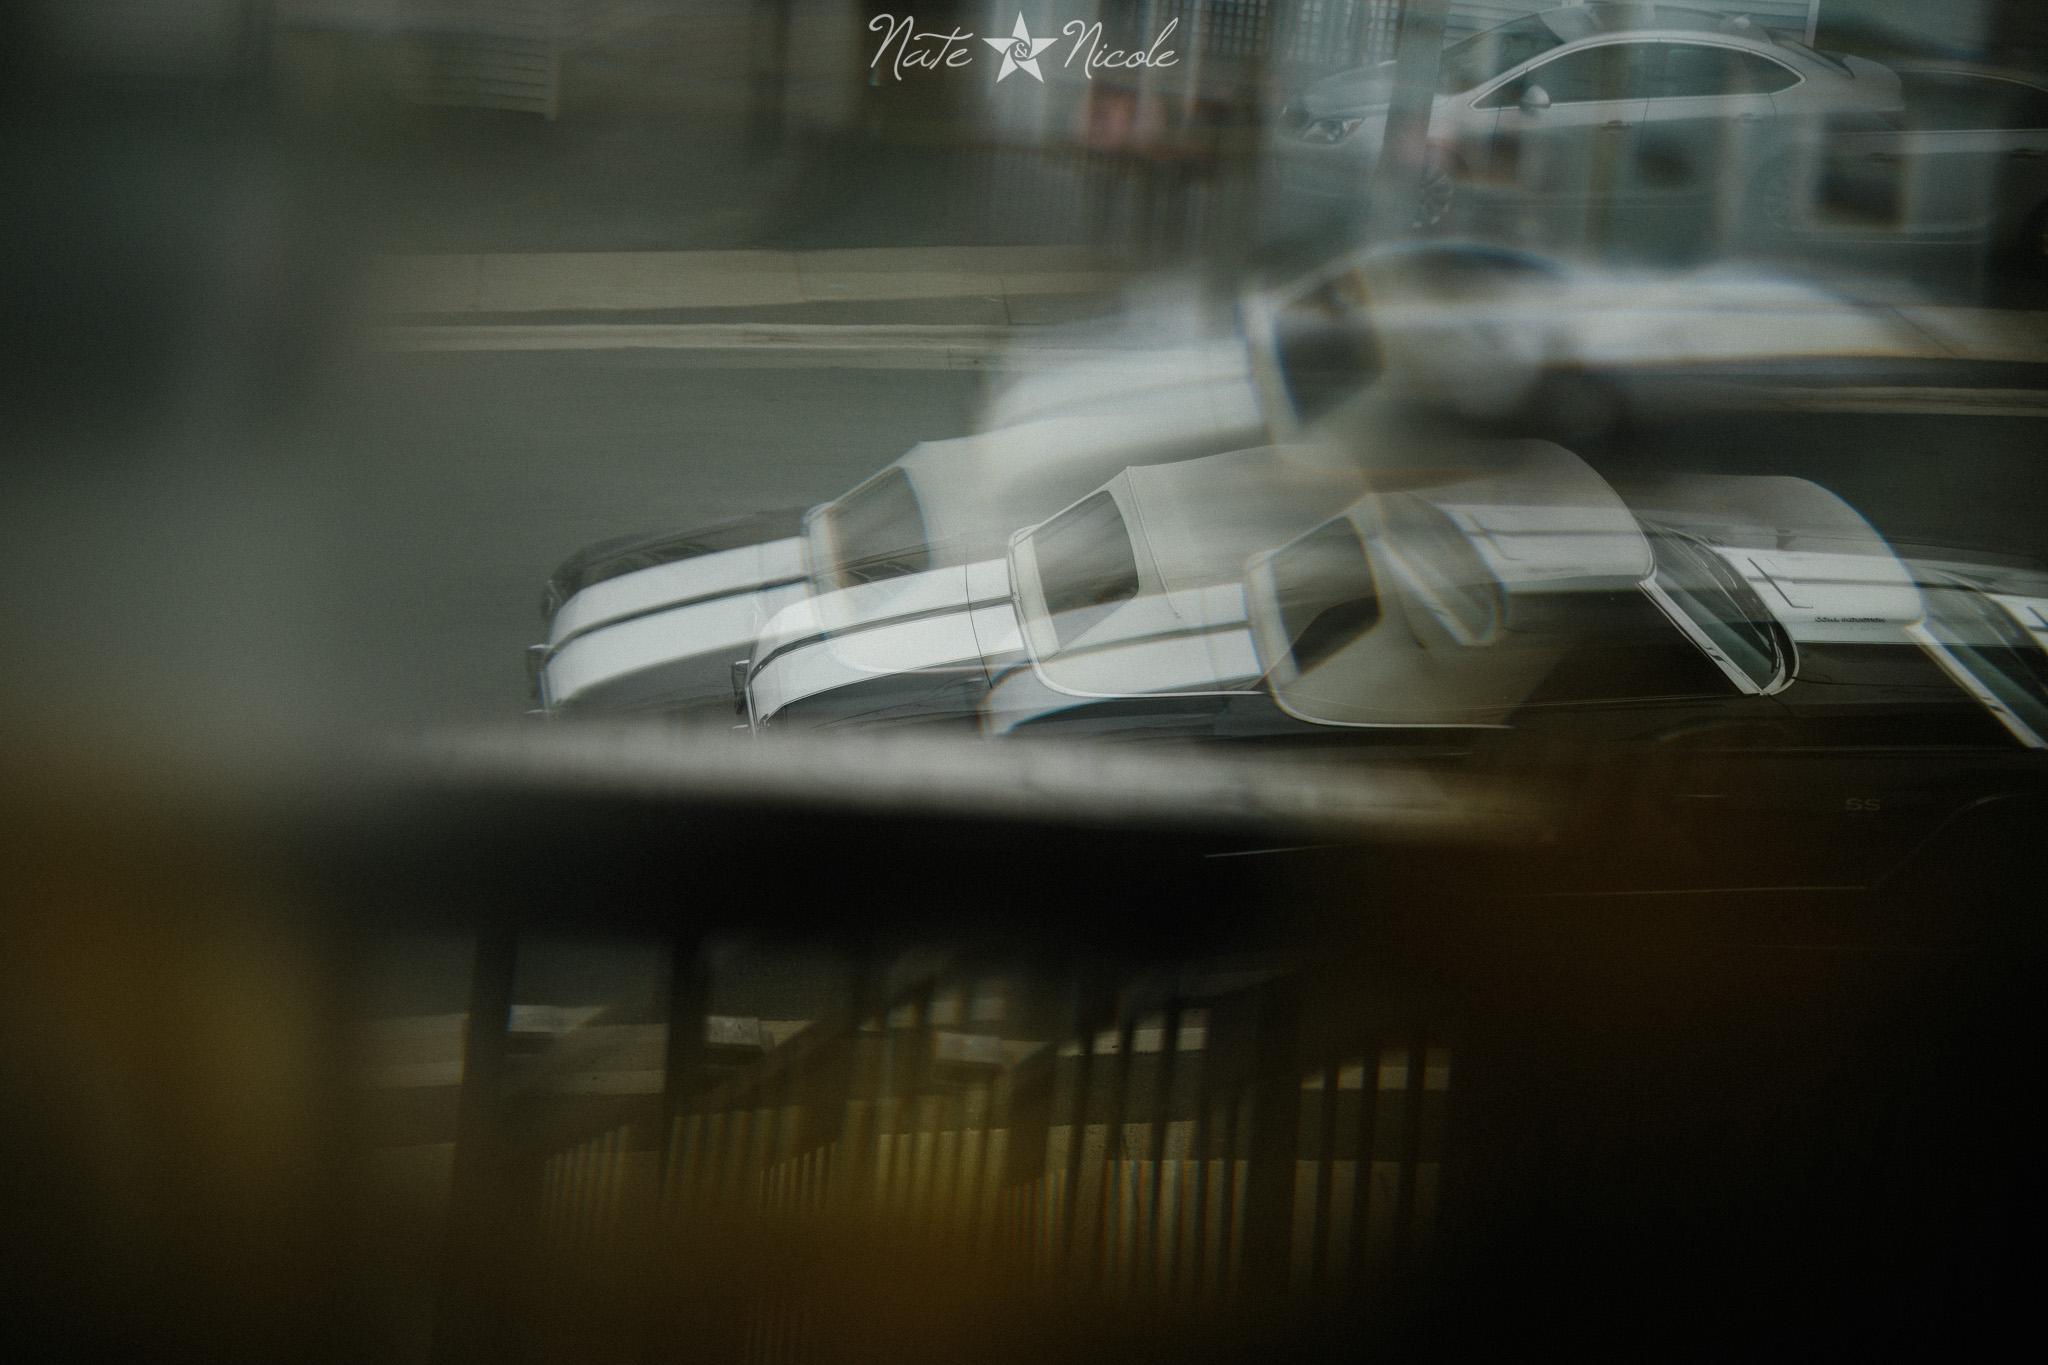 06_13_15-0234.jpg